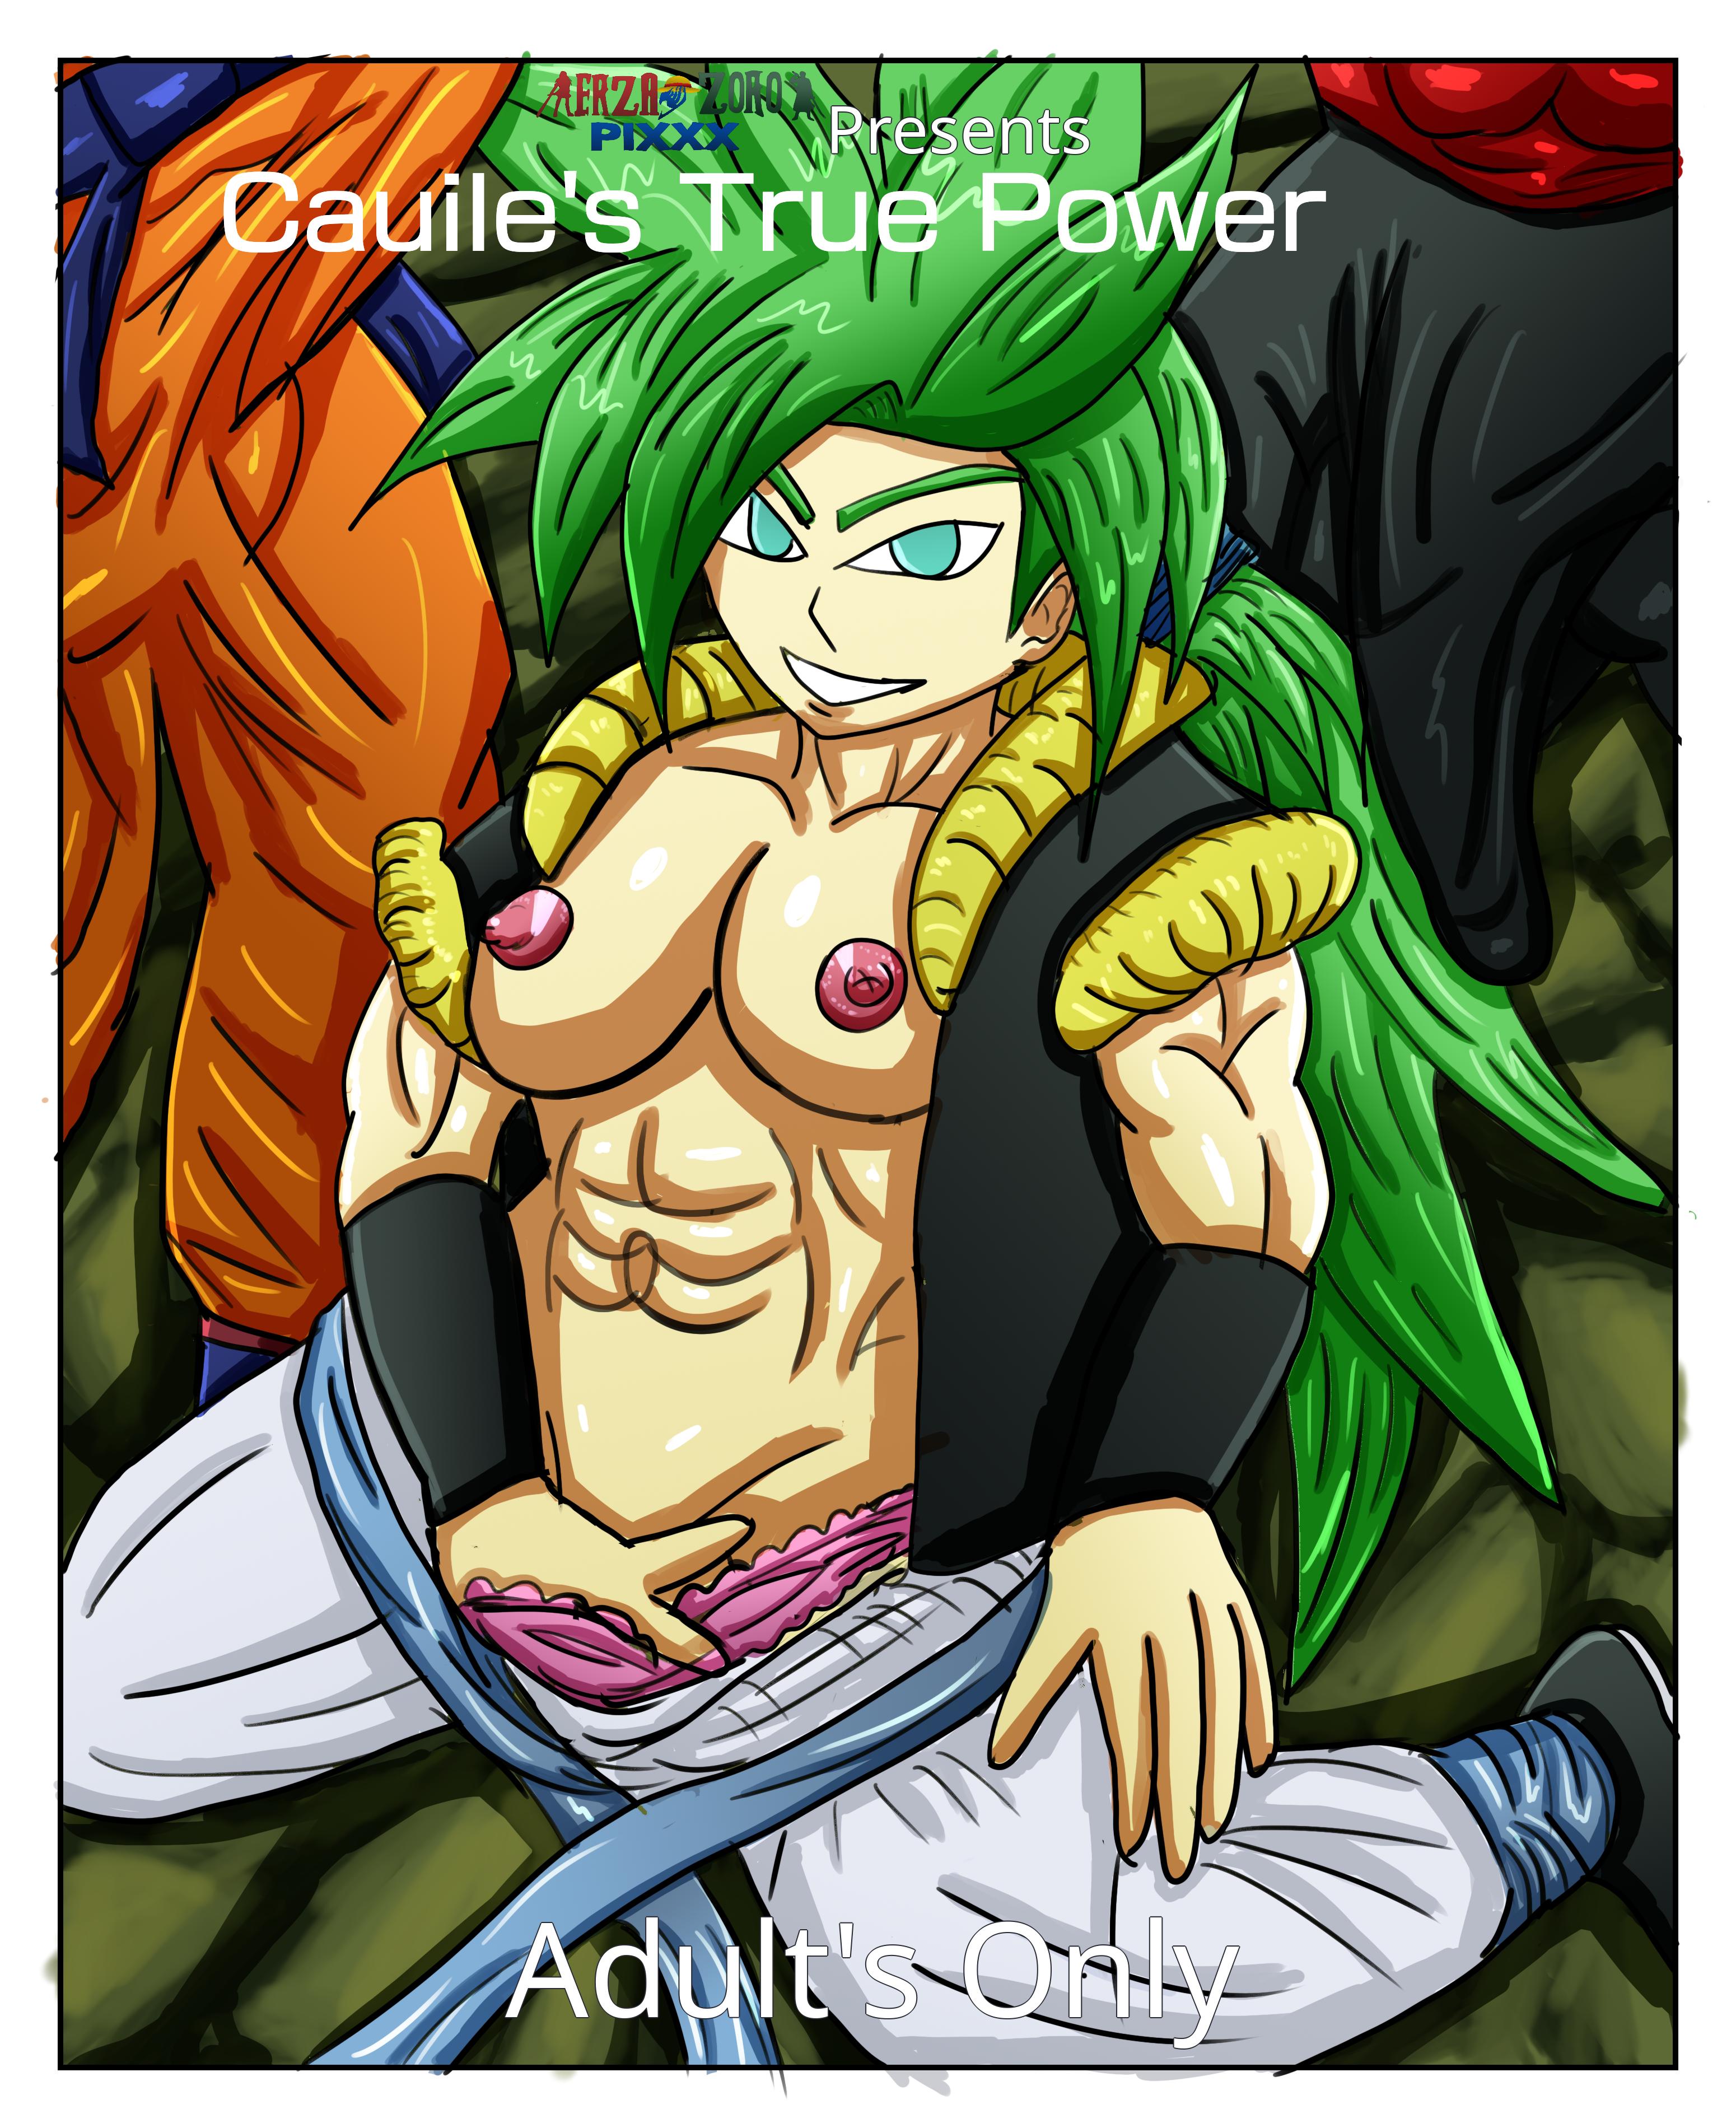 Caulie's true power cover